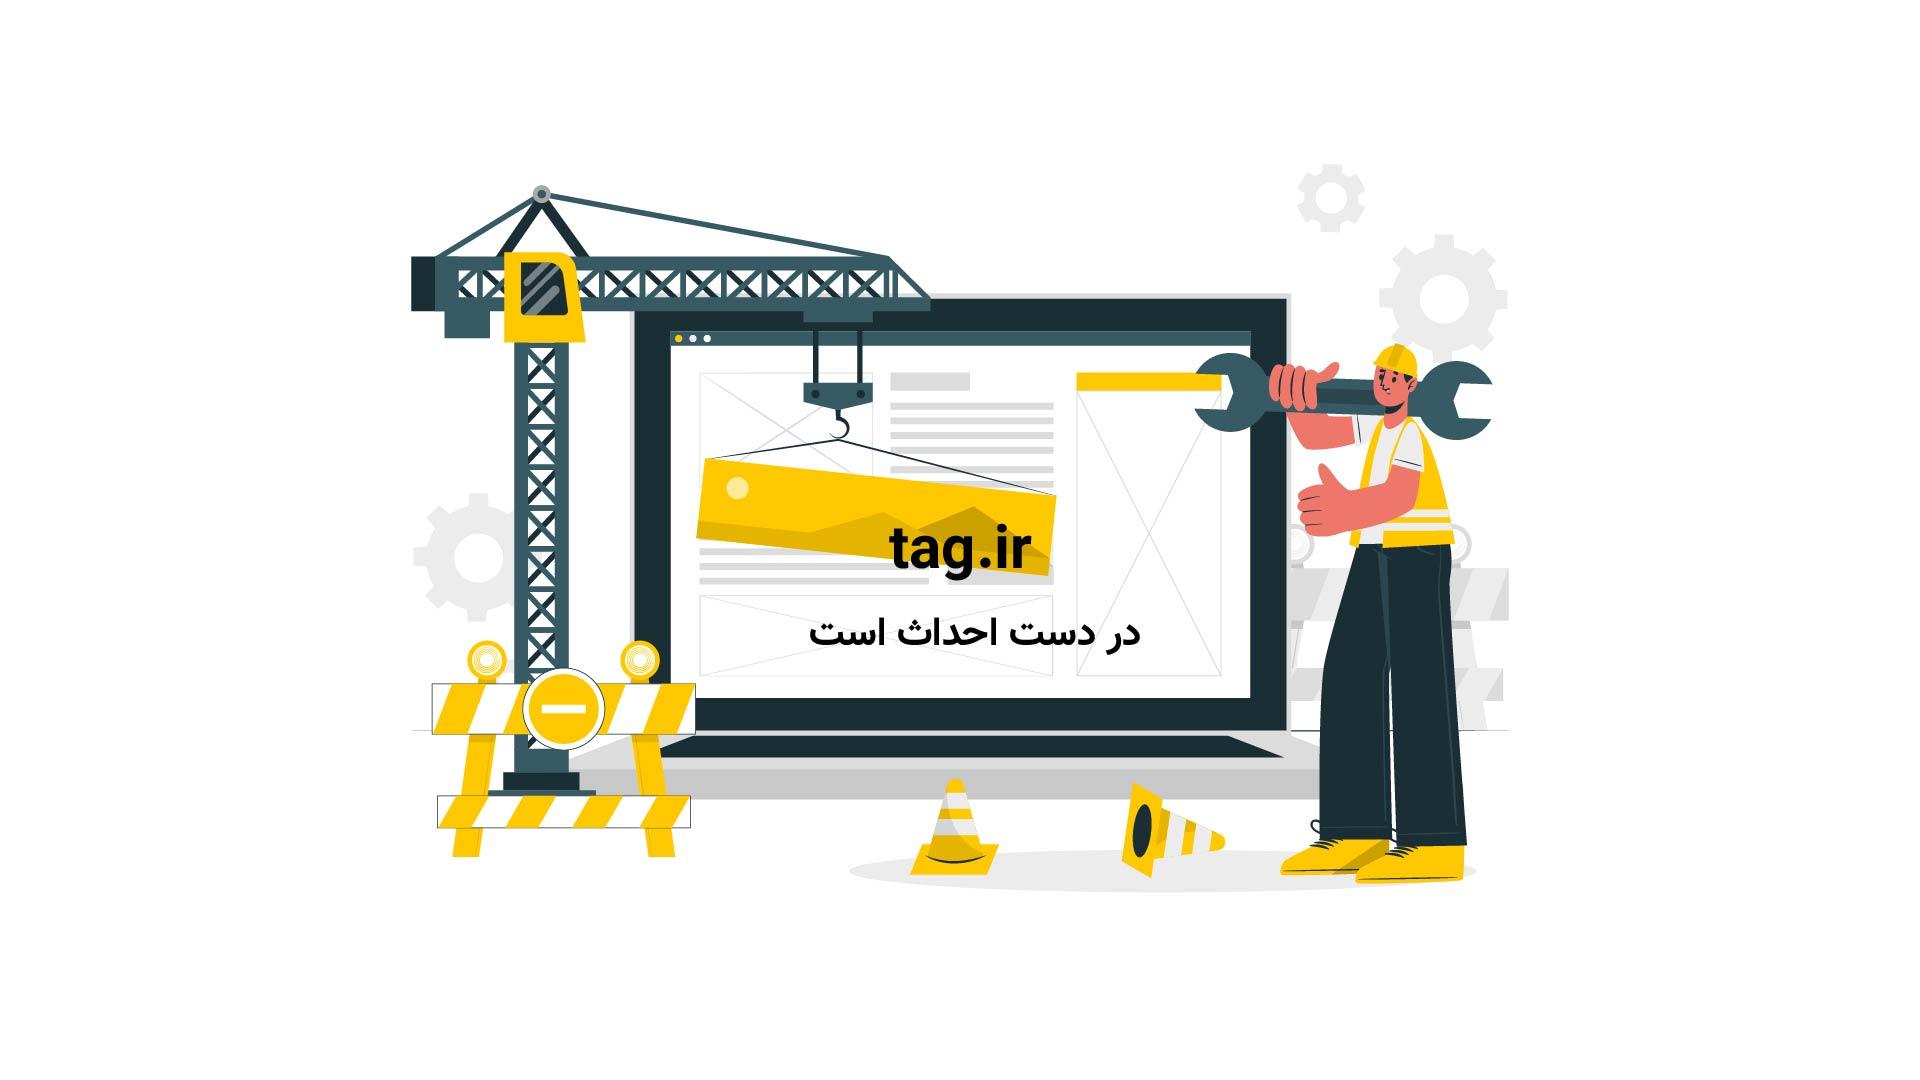 طوفان شن در یزد | تگ